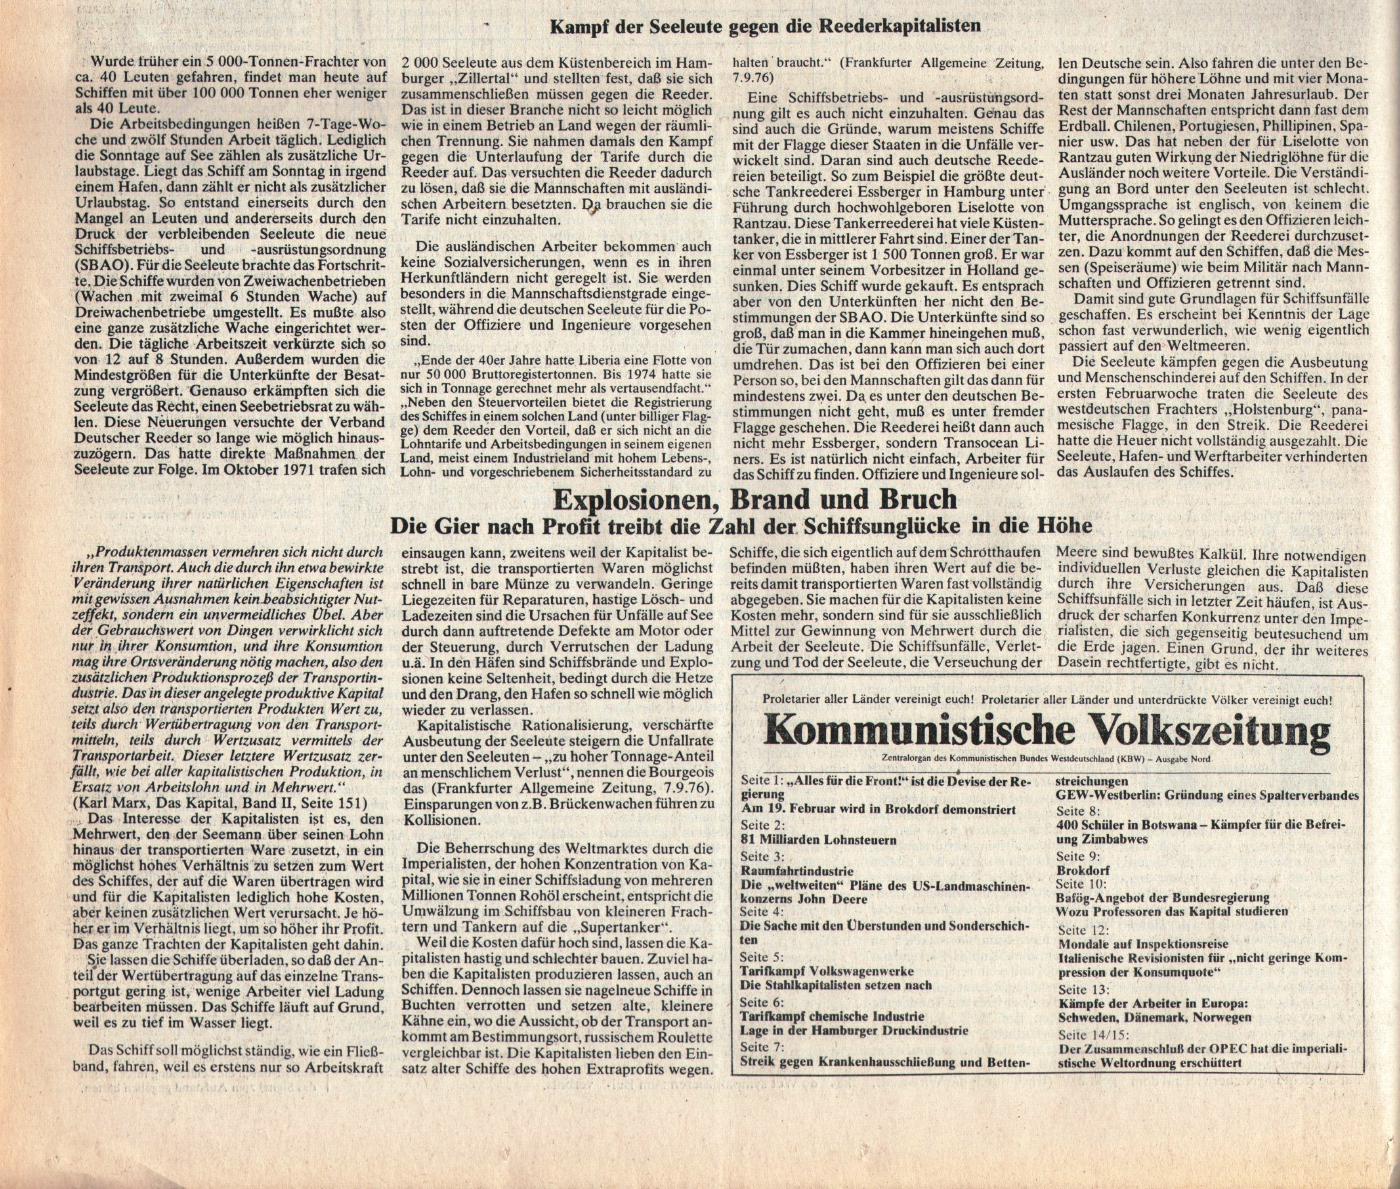 KVZ_Nord_1977_06_32